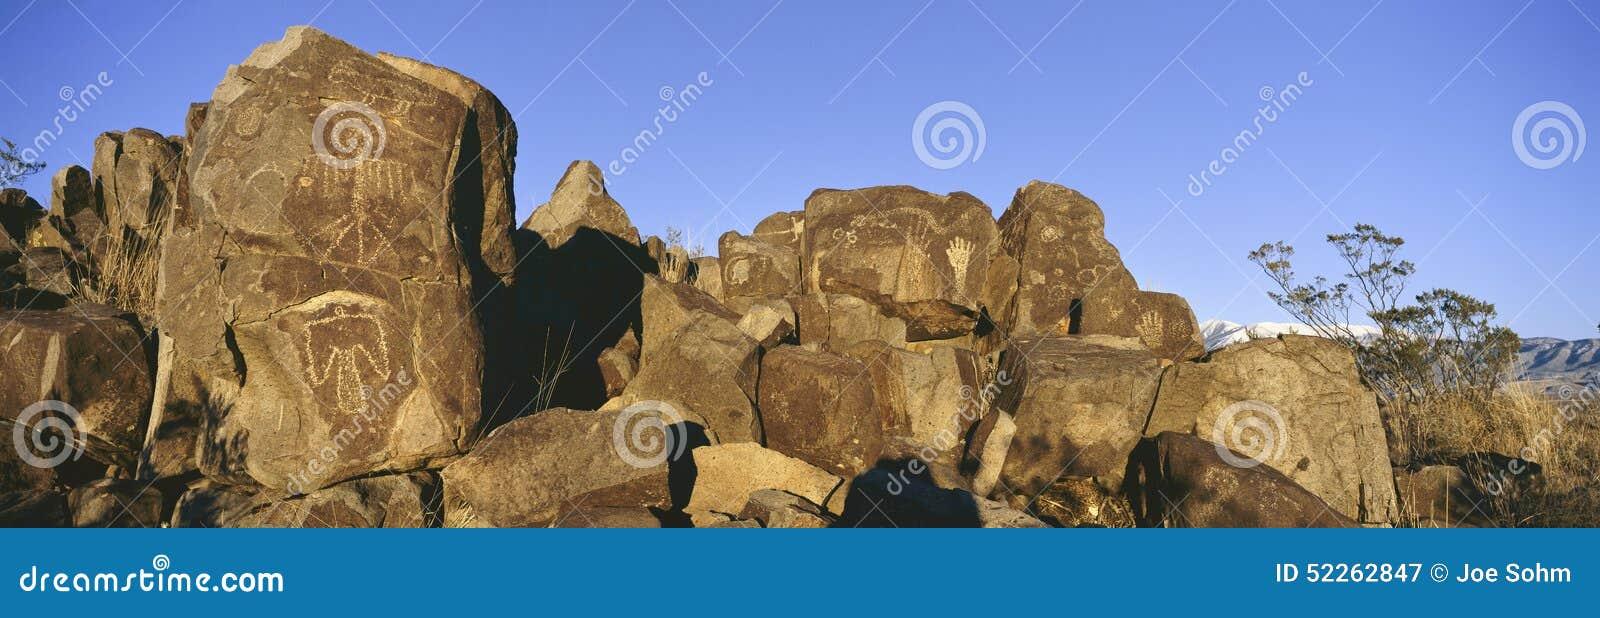 Panoramiczny wizerunek petroglify przy Trzy rzek petroglifu Krajowym miejscem, a biuro Gruntowy zarządzania miejsce, cechy więcej